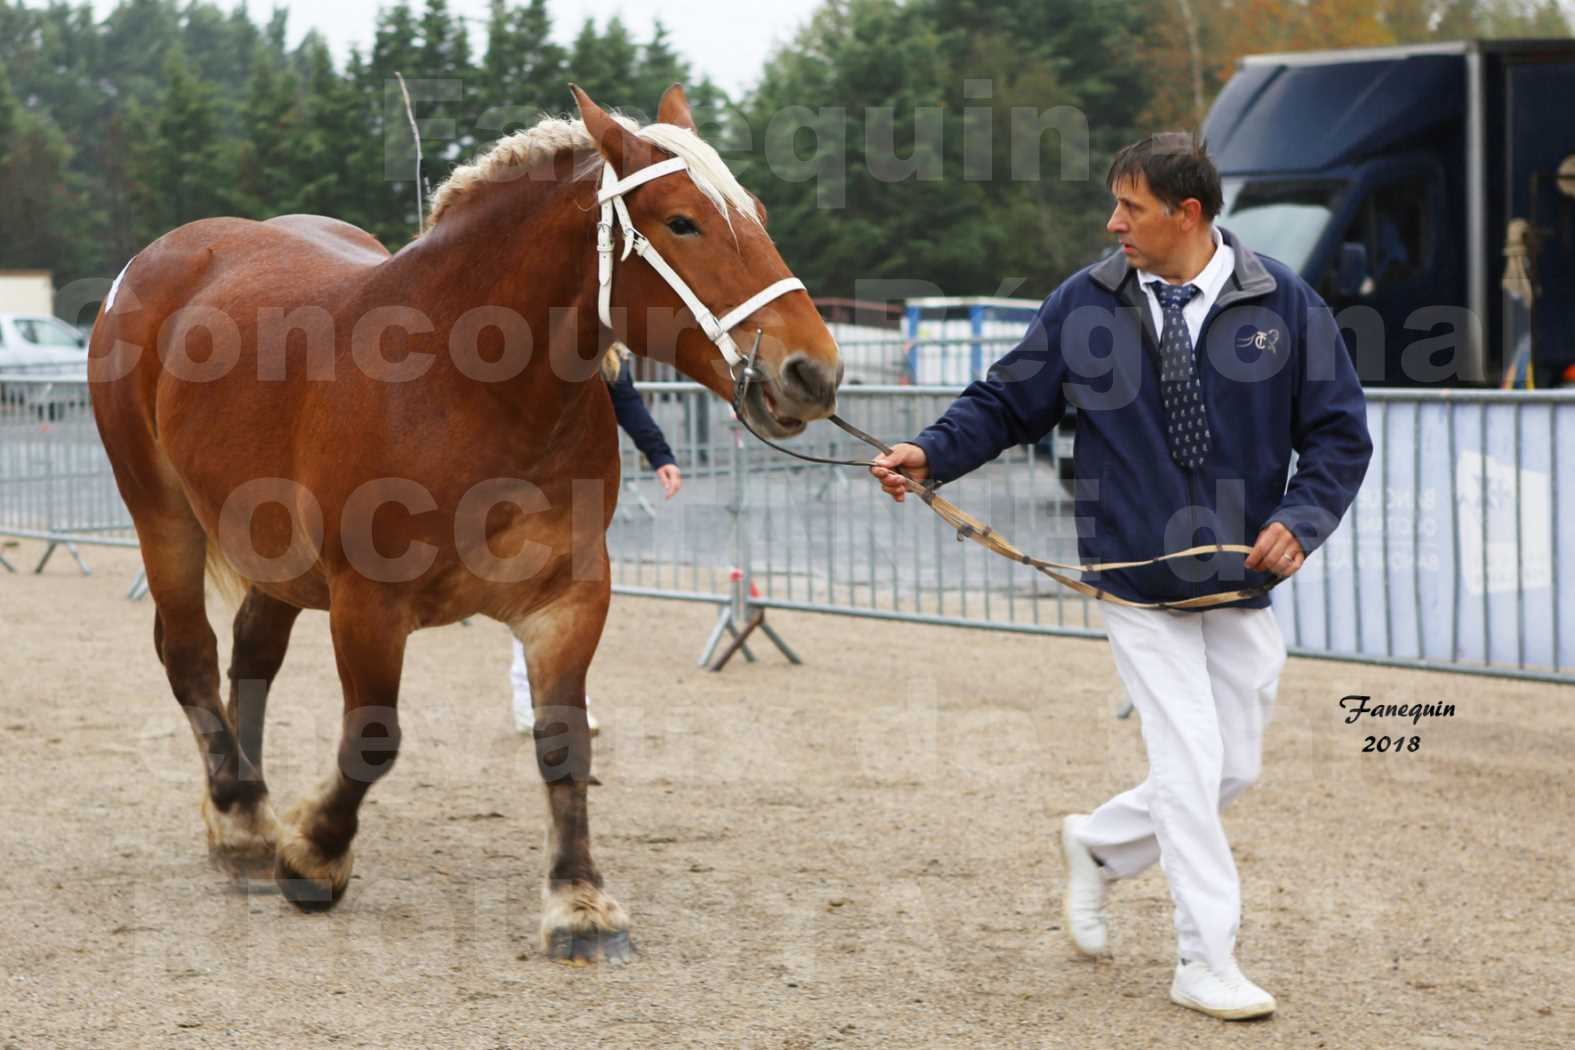 Concours Régional OCCITANIE de chevaux de traits à REQUISTA - DIANE DE GRILLOLES - 2